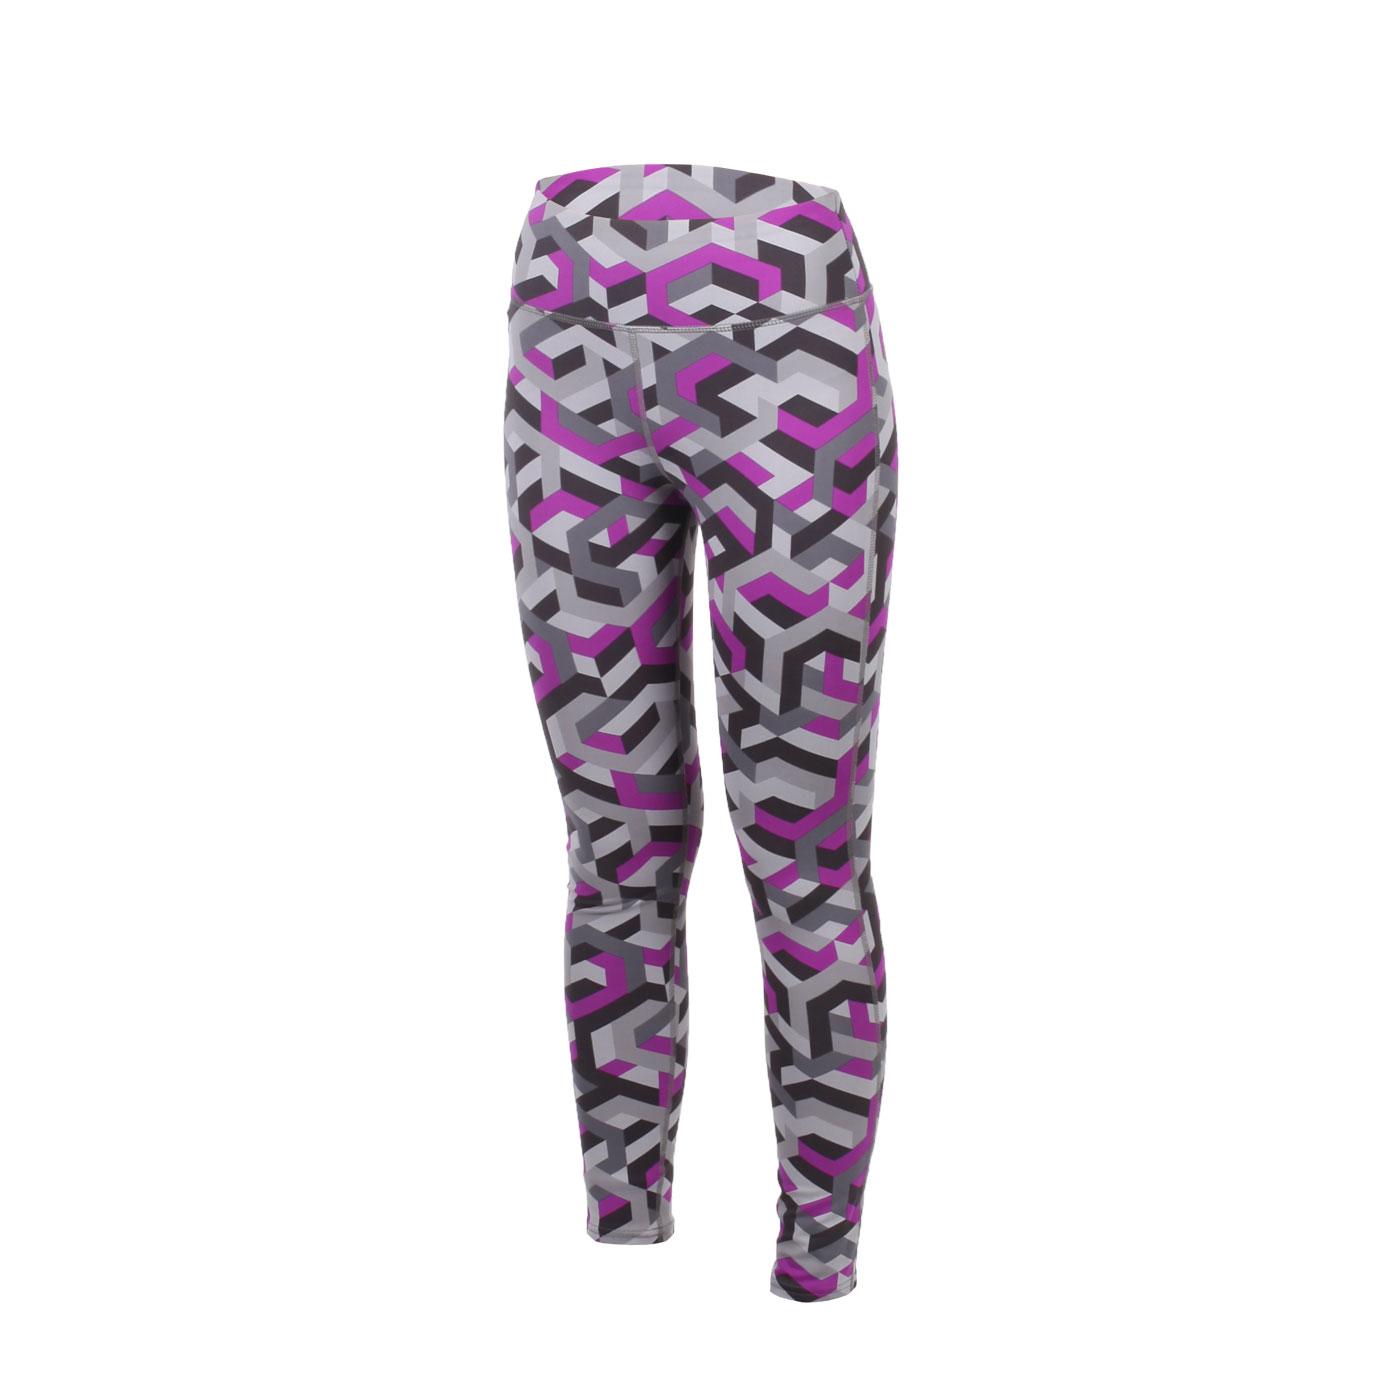 INSTAR 幾何女款緊身褲 3120401 - 灰黑紫